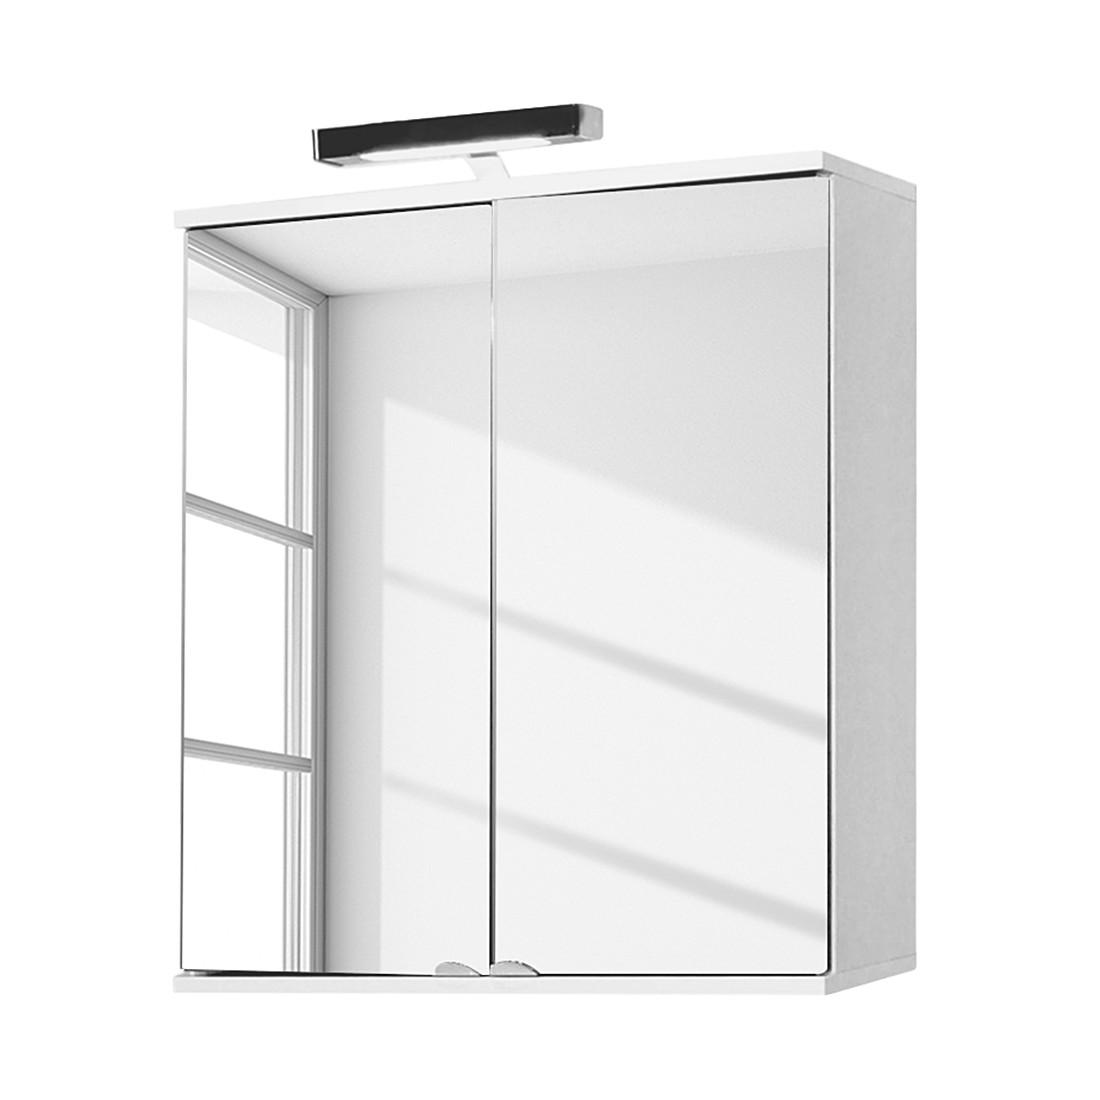 Spiegelschrank badezimmer g nstig